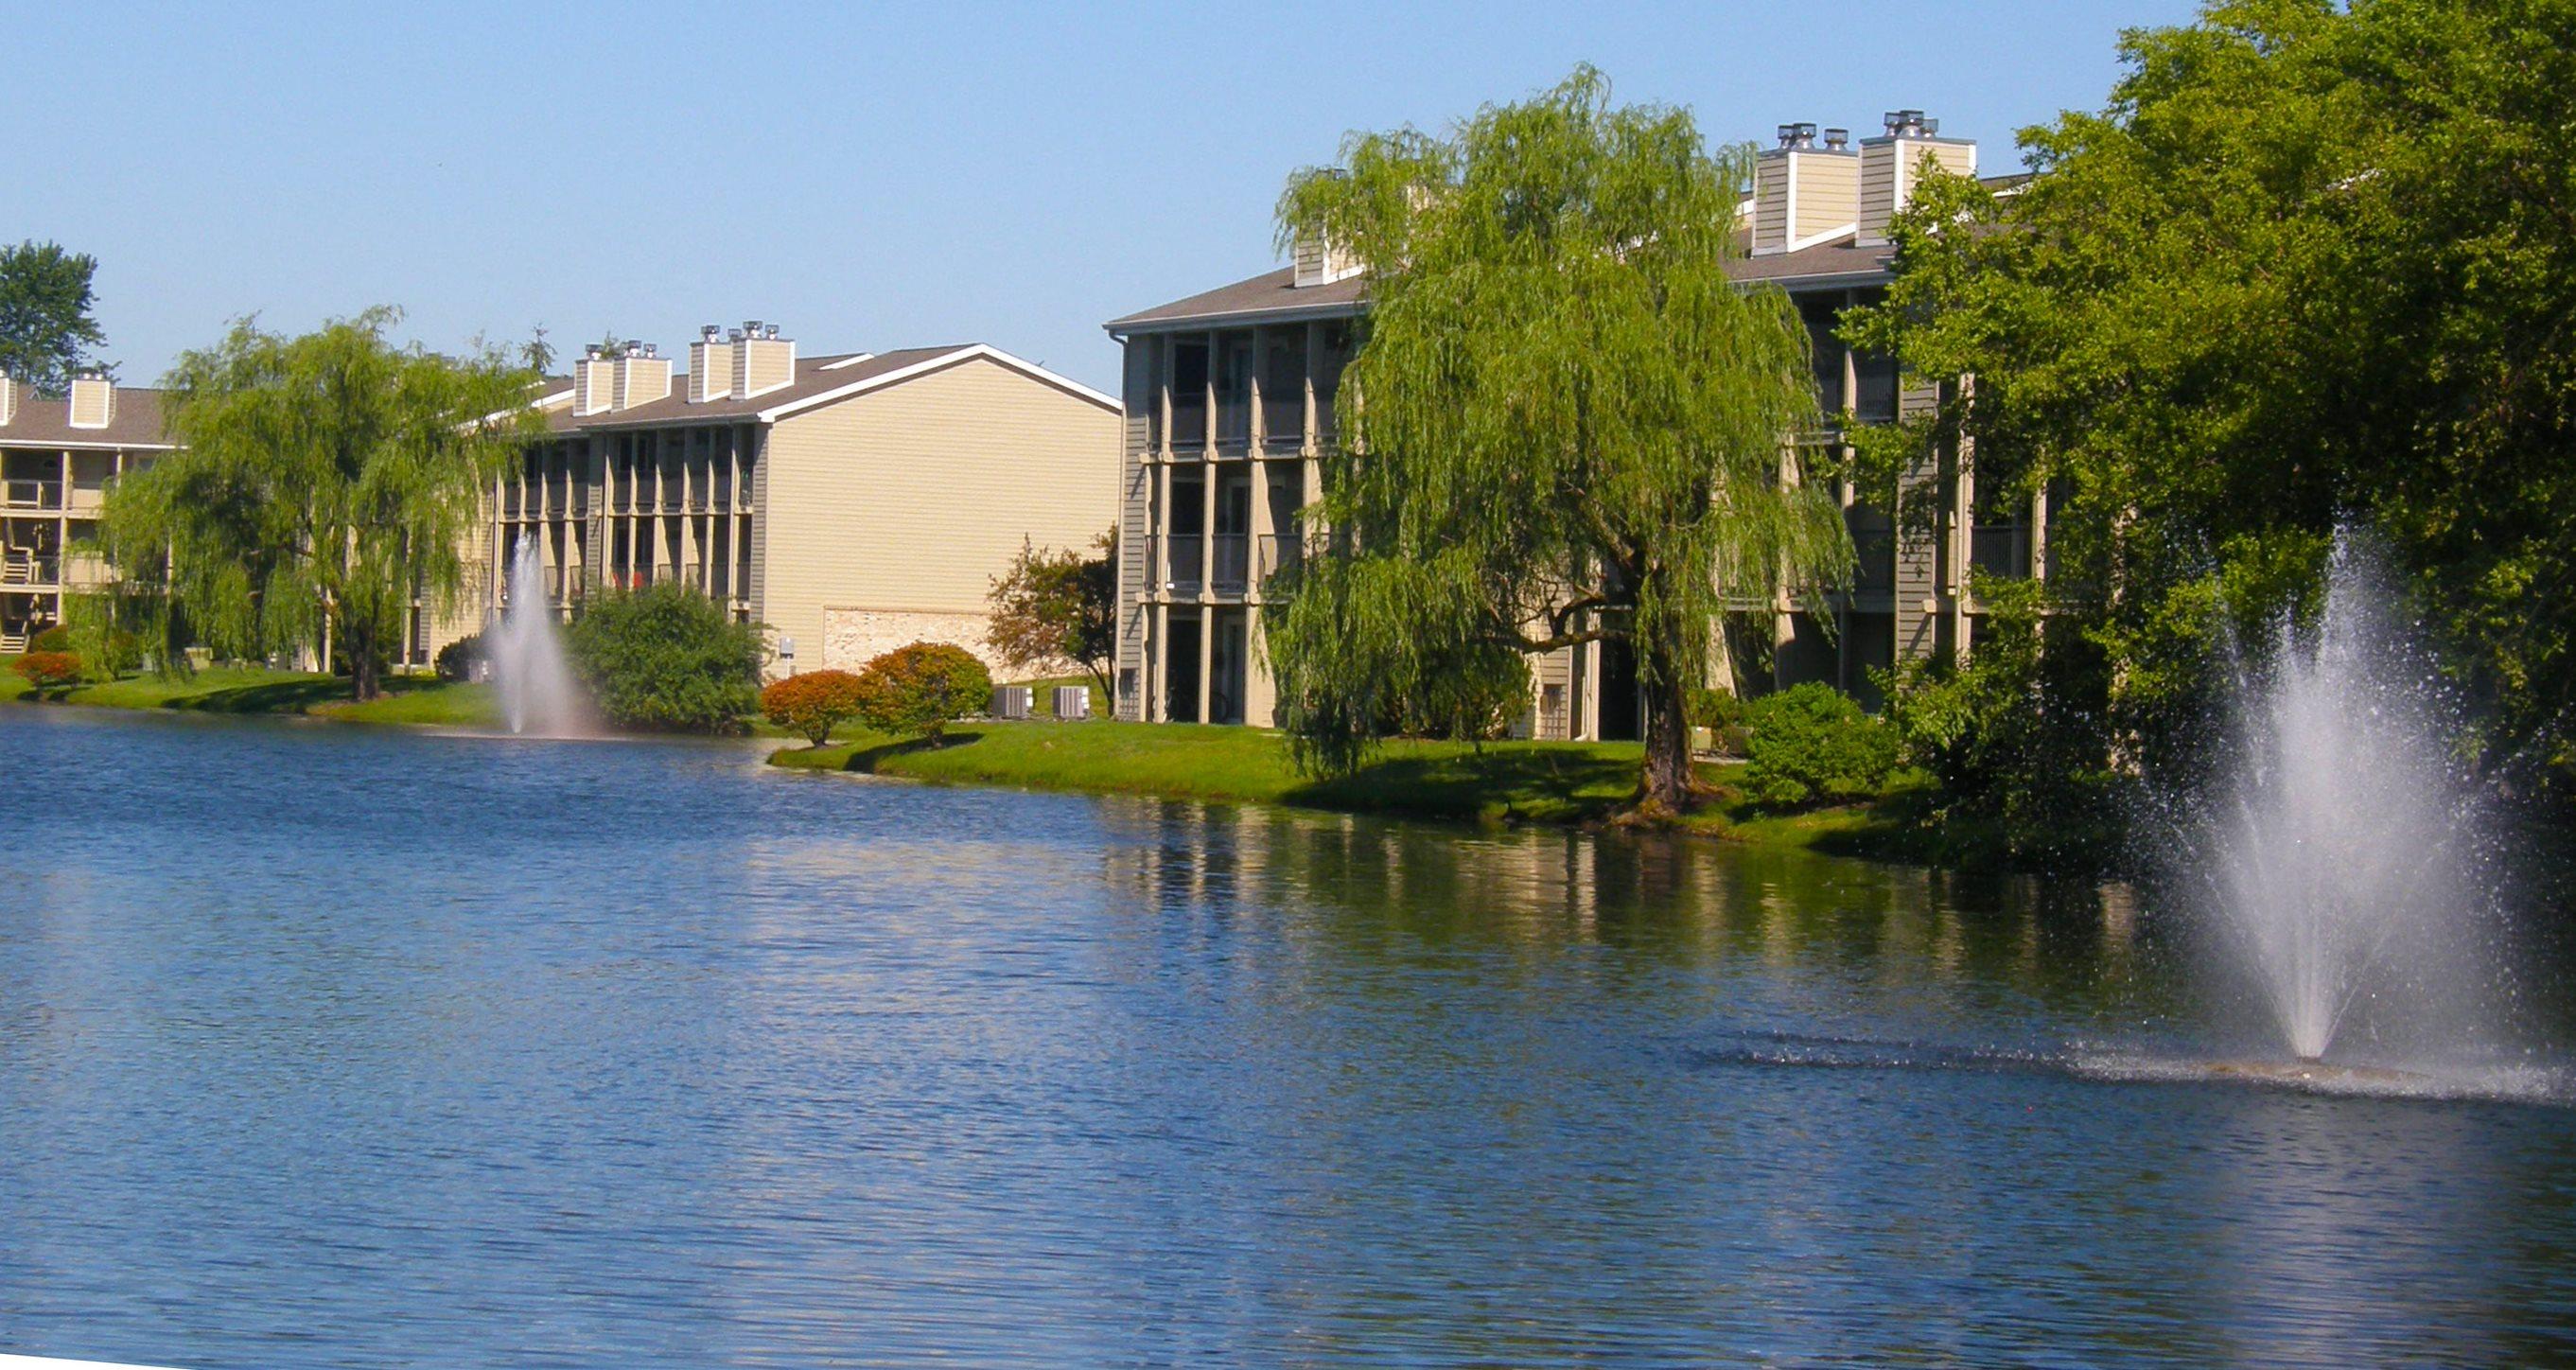 Lakes of Carmel | Apartments in Carmel, IN